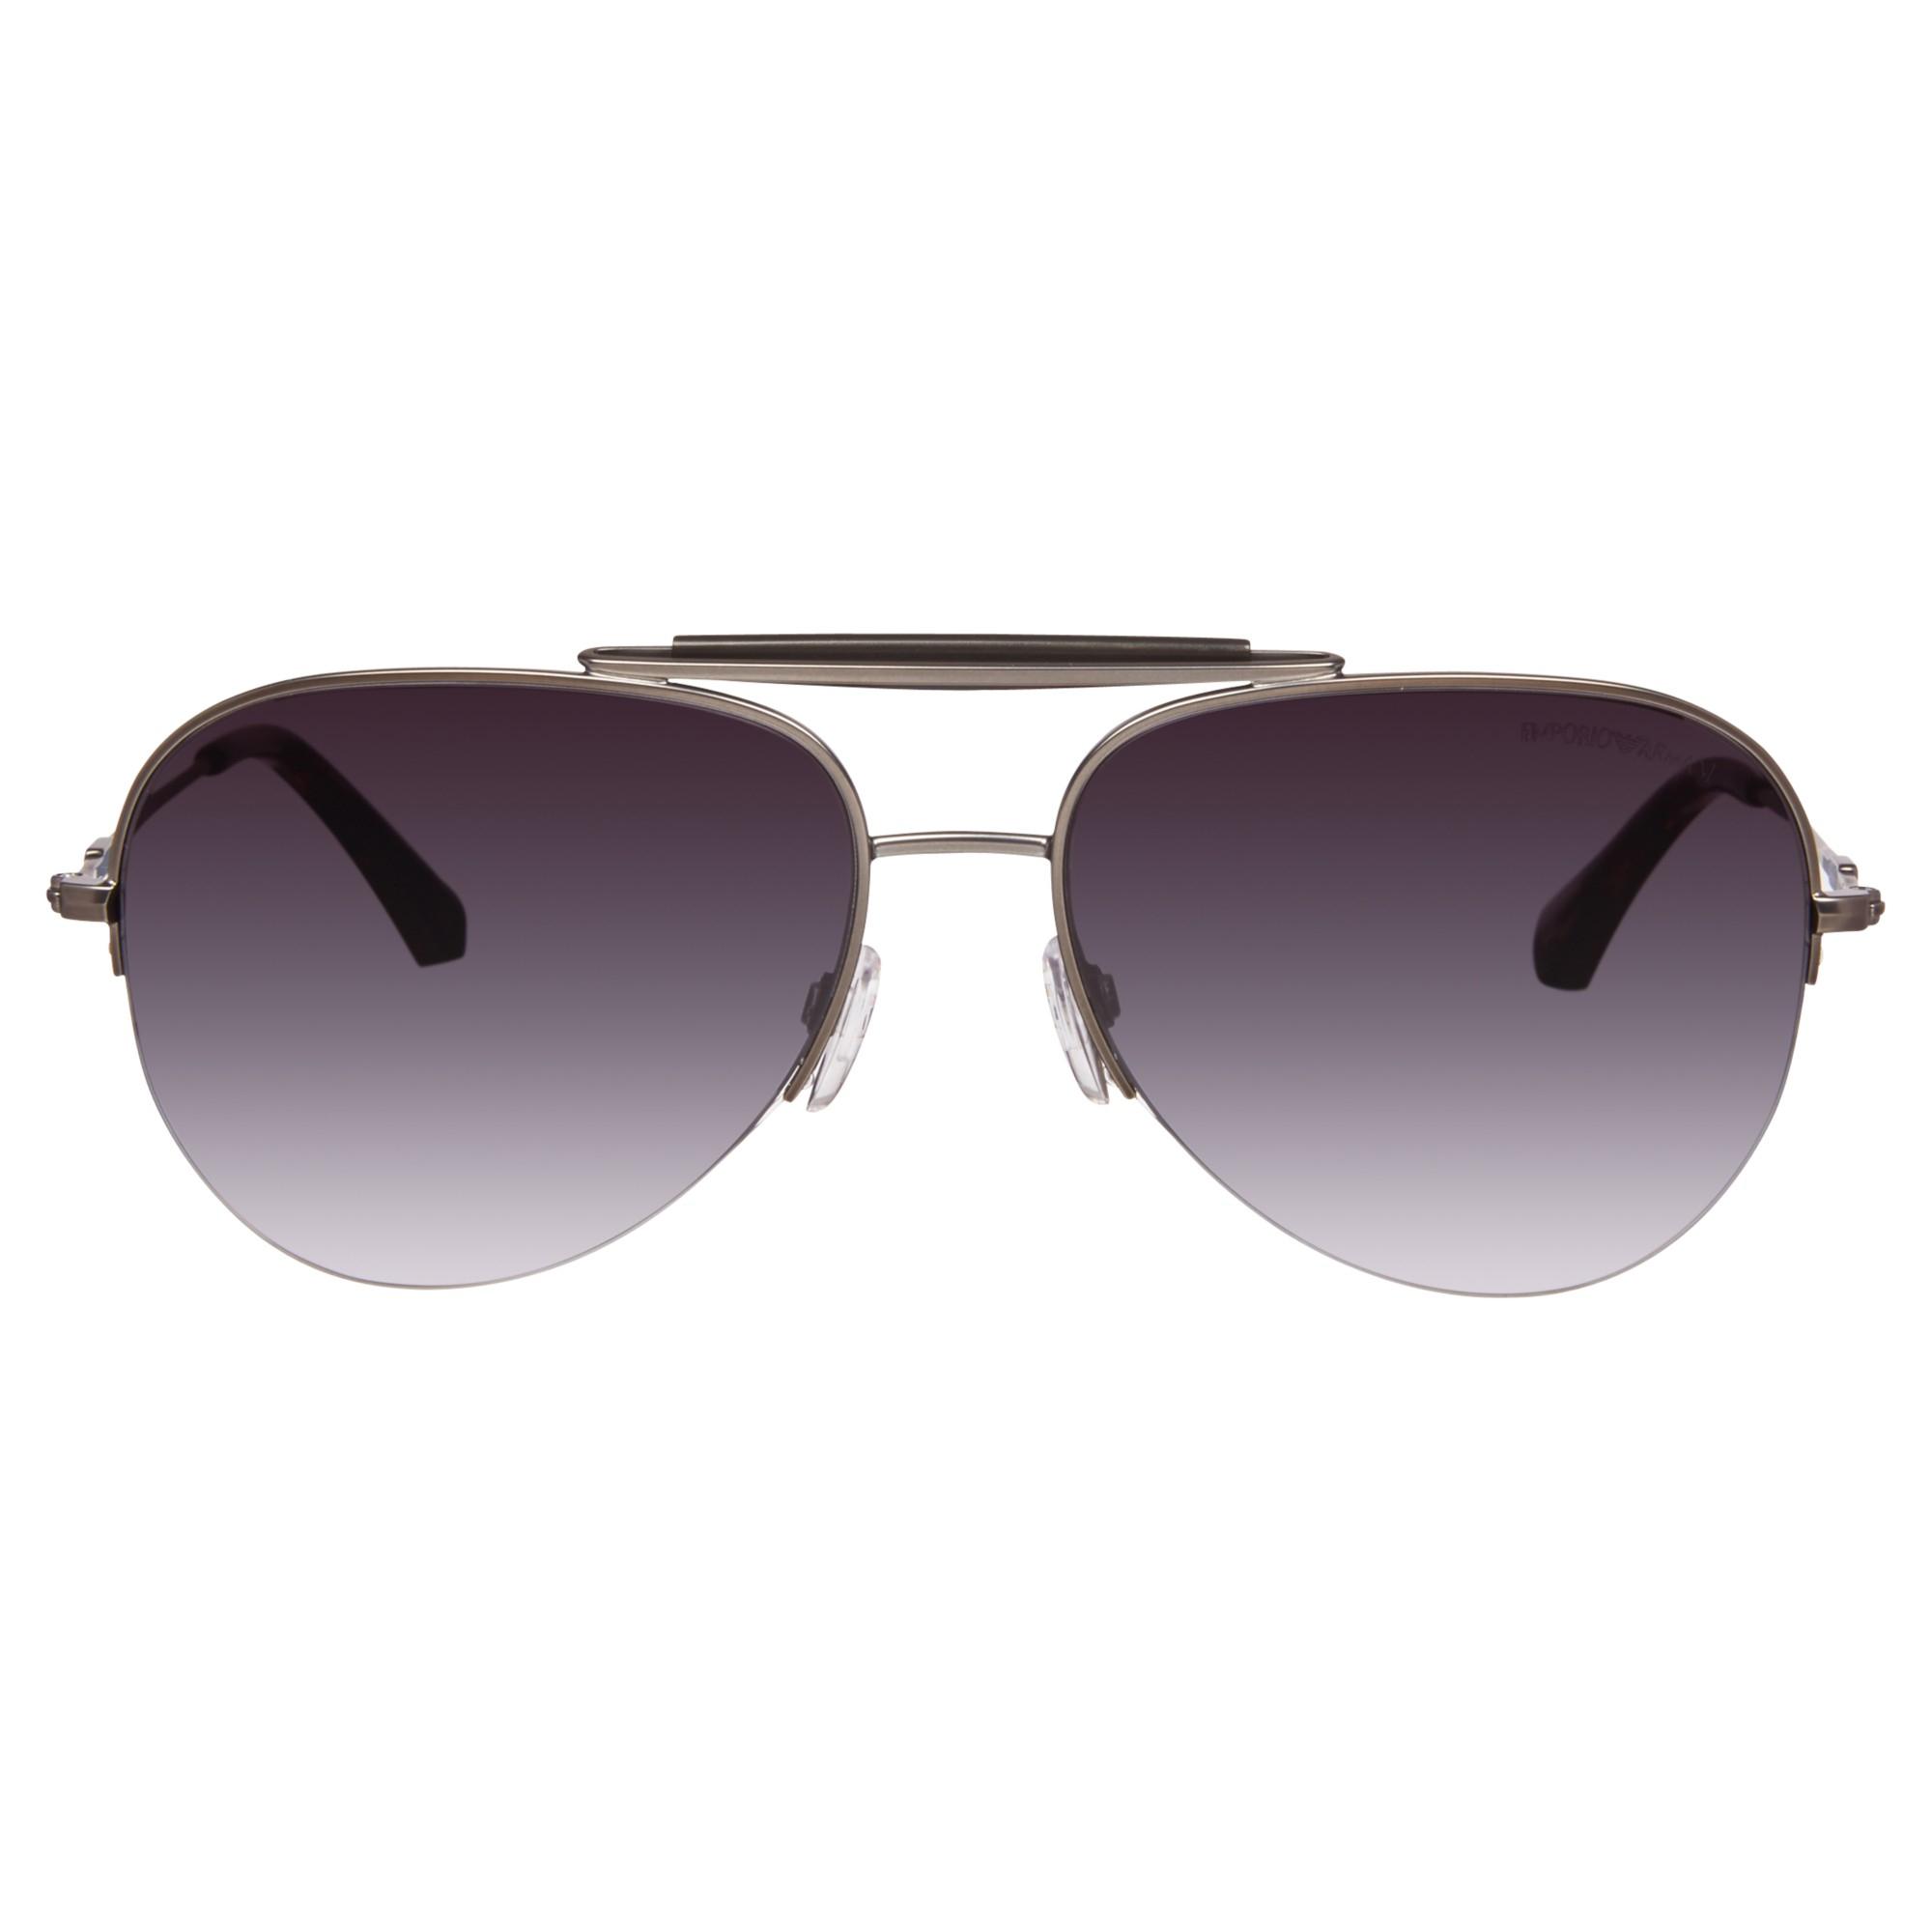 44c2f96e63e Emporio armani 0Ea2020 Aviator Sunglasses in Gray